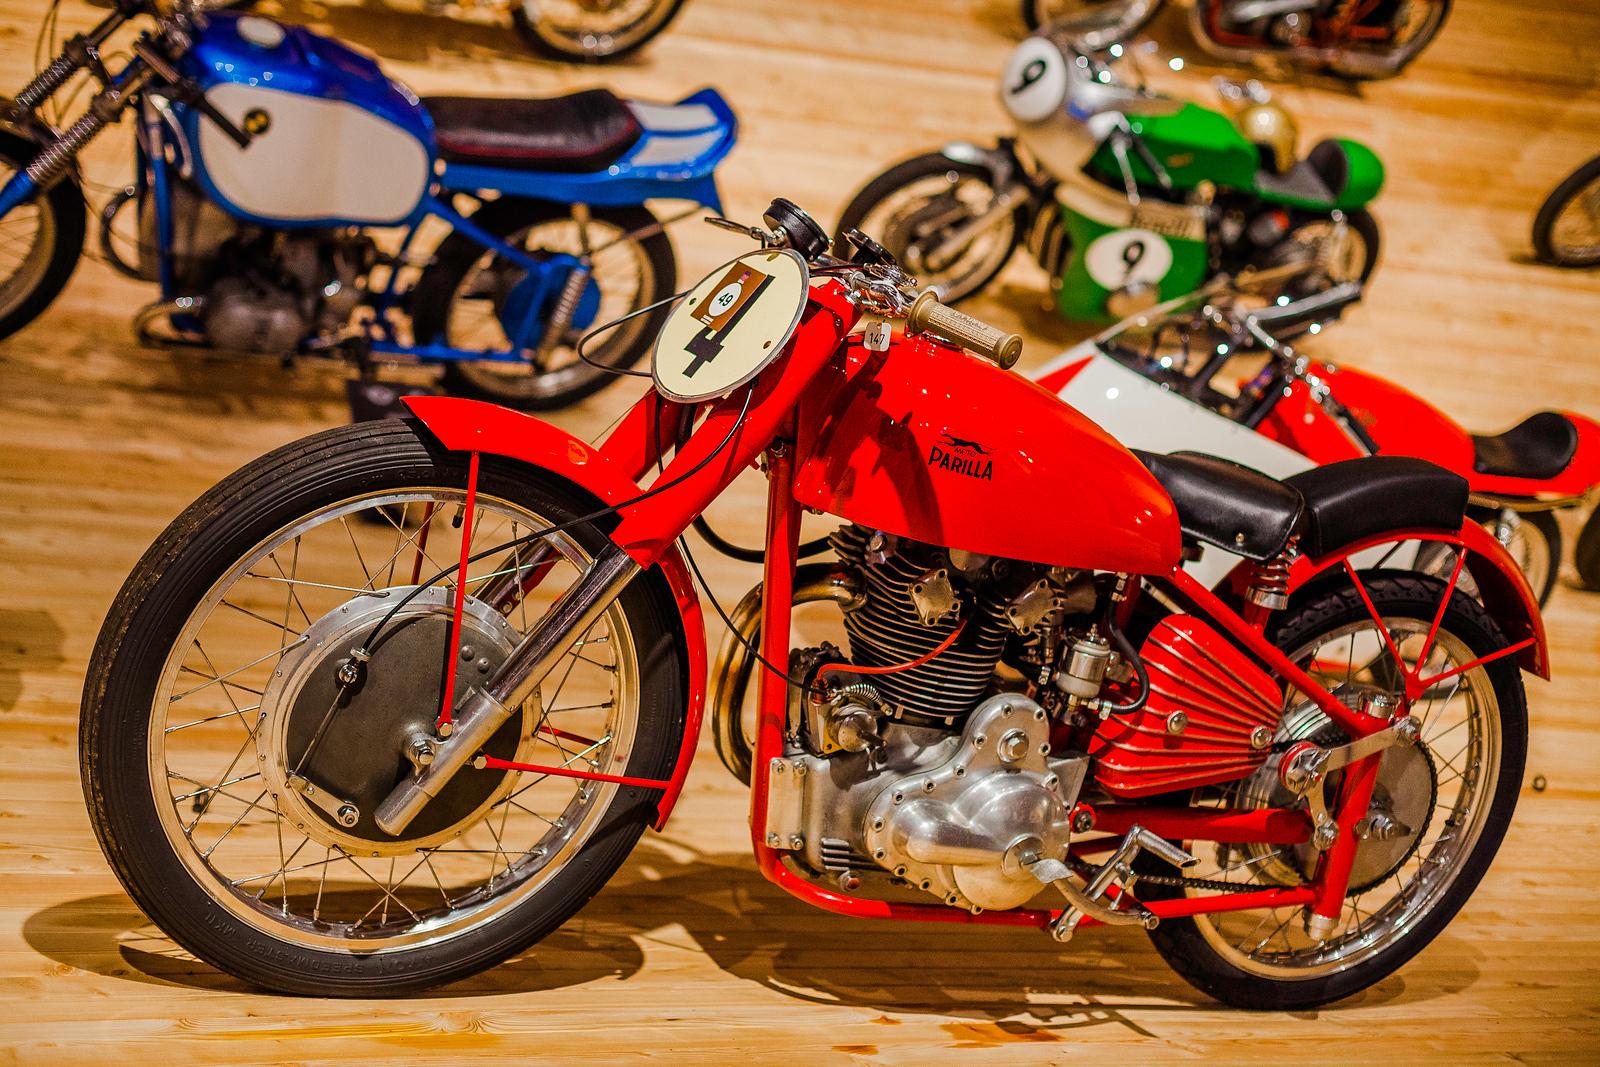 Parilla, Timmelsjoch Motorcycle Museum, Austria